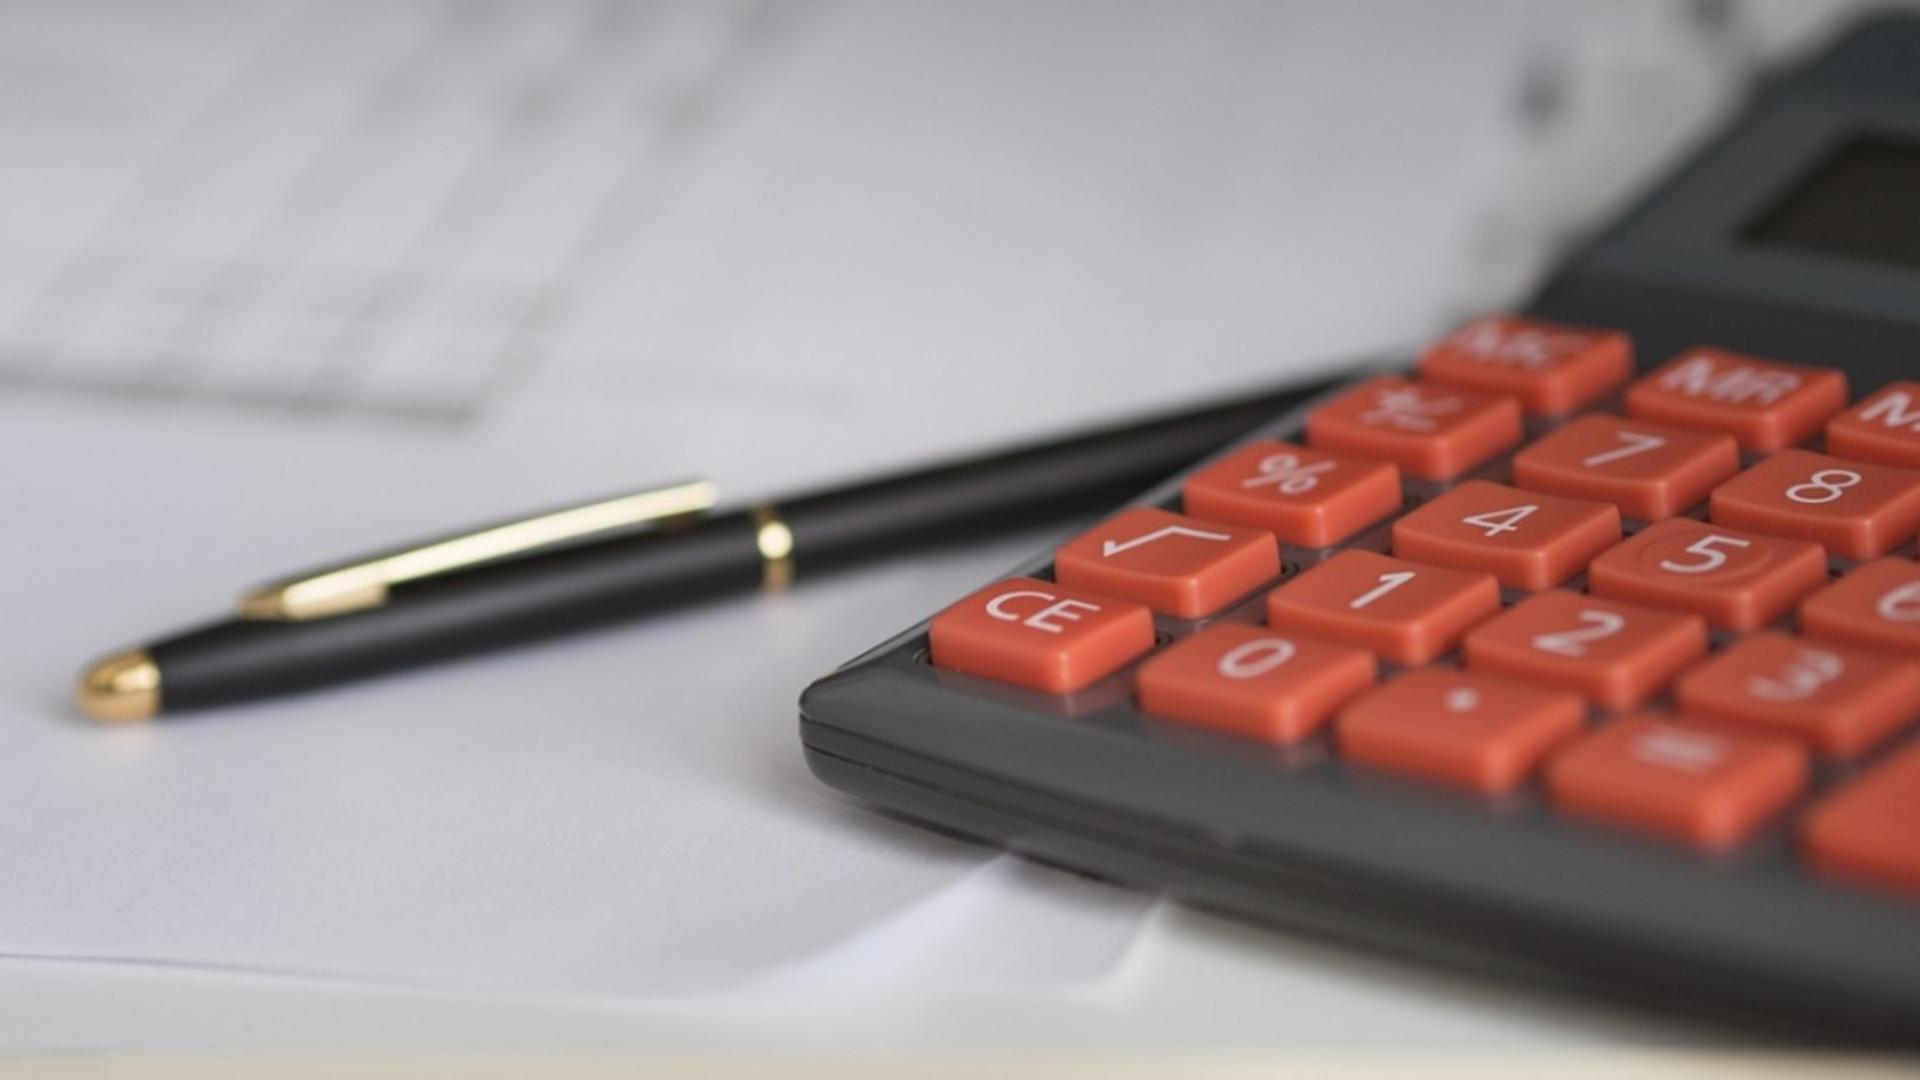 Asiguratorii își modifică Legea RCA printr-o Ordonanță de Urgență, pentru a-și maximiza profitul, pe banii asiguraților